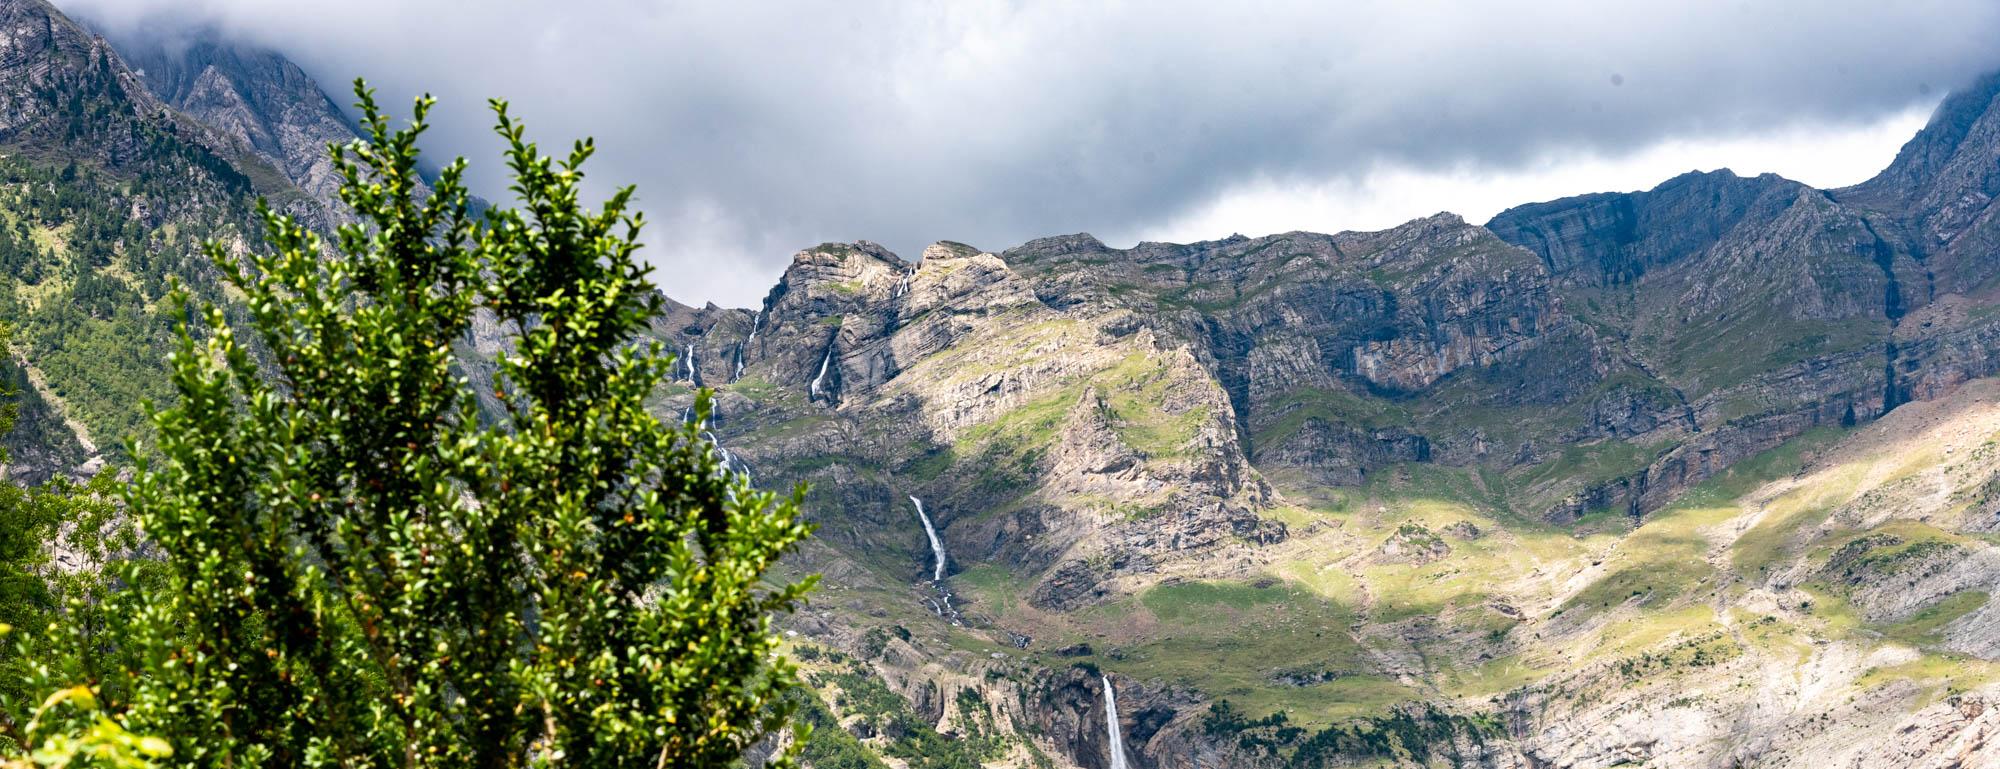 Randonnée au Mont-Perdu